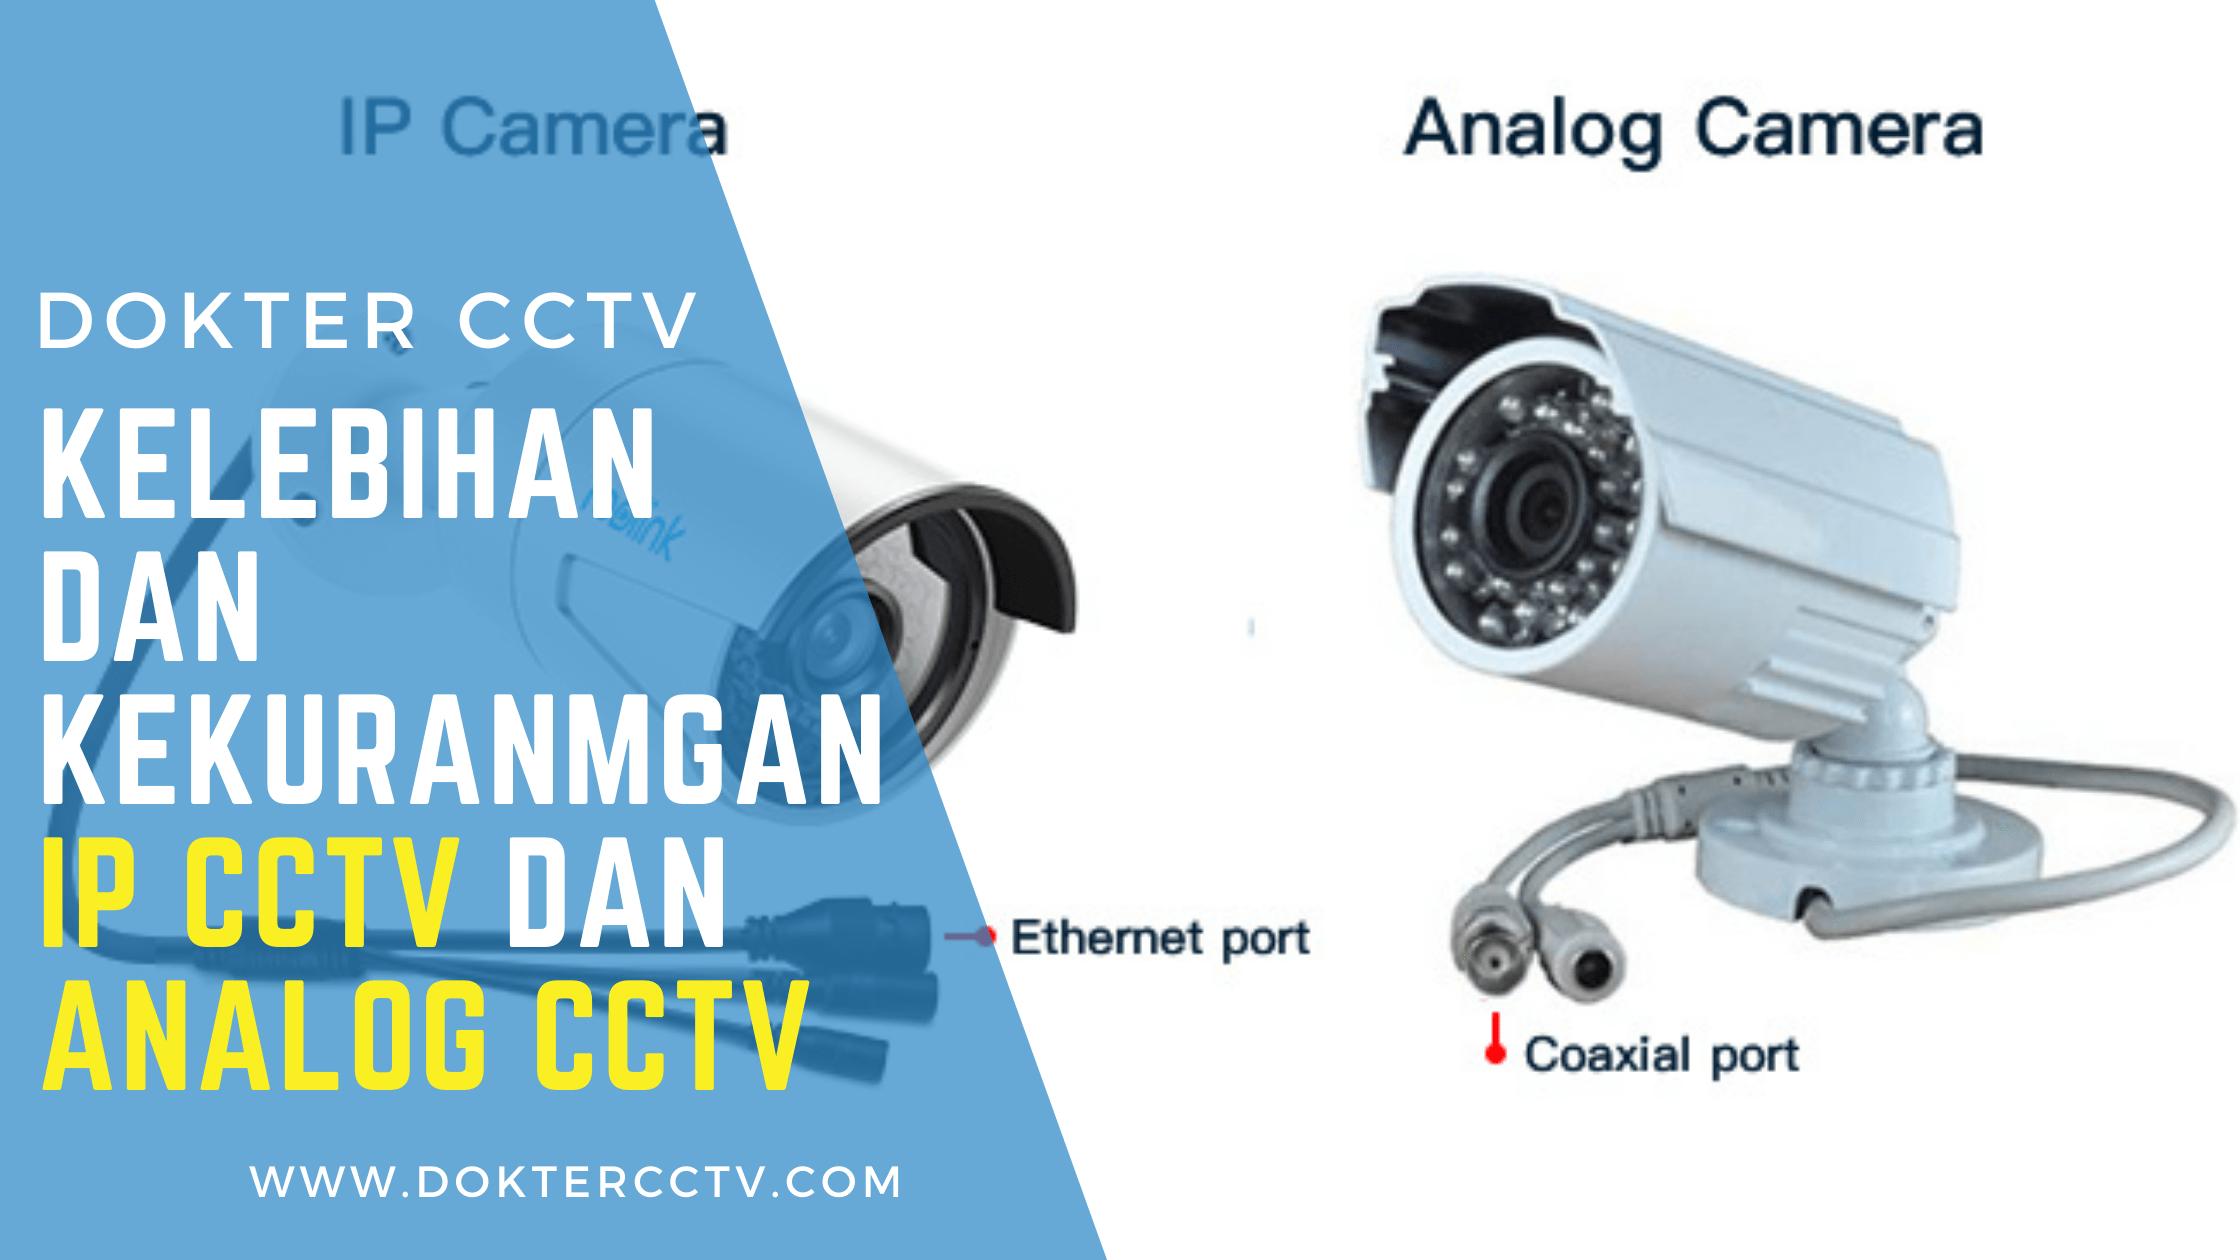 Kelebihan Kekurangan IP dan Analog CCTV